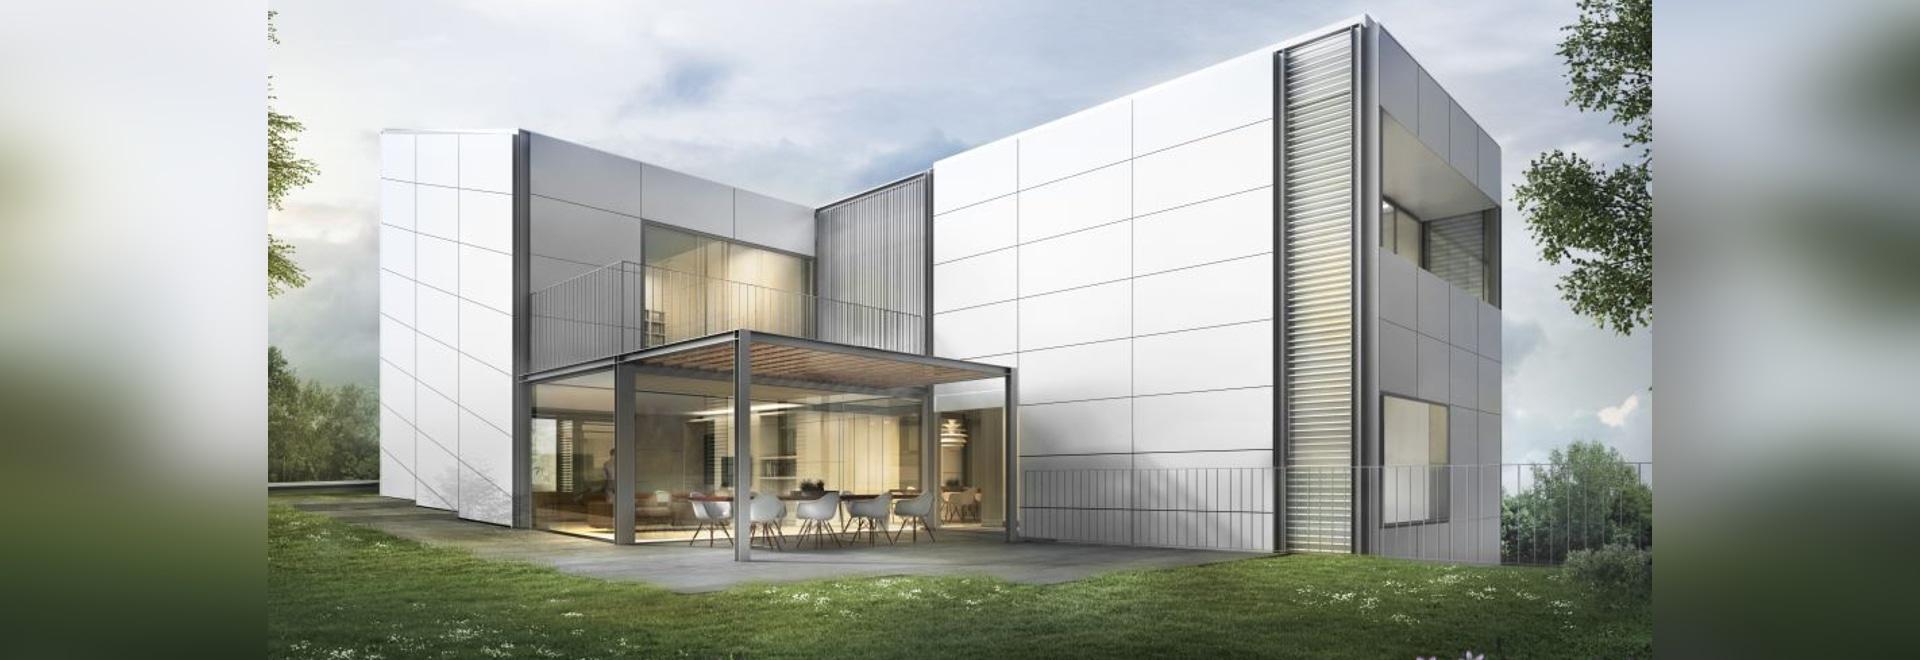 La simbiosis de fachadas ventiladas con una pared cerrada técnica